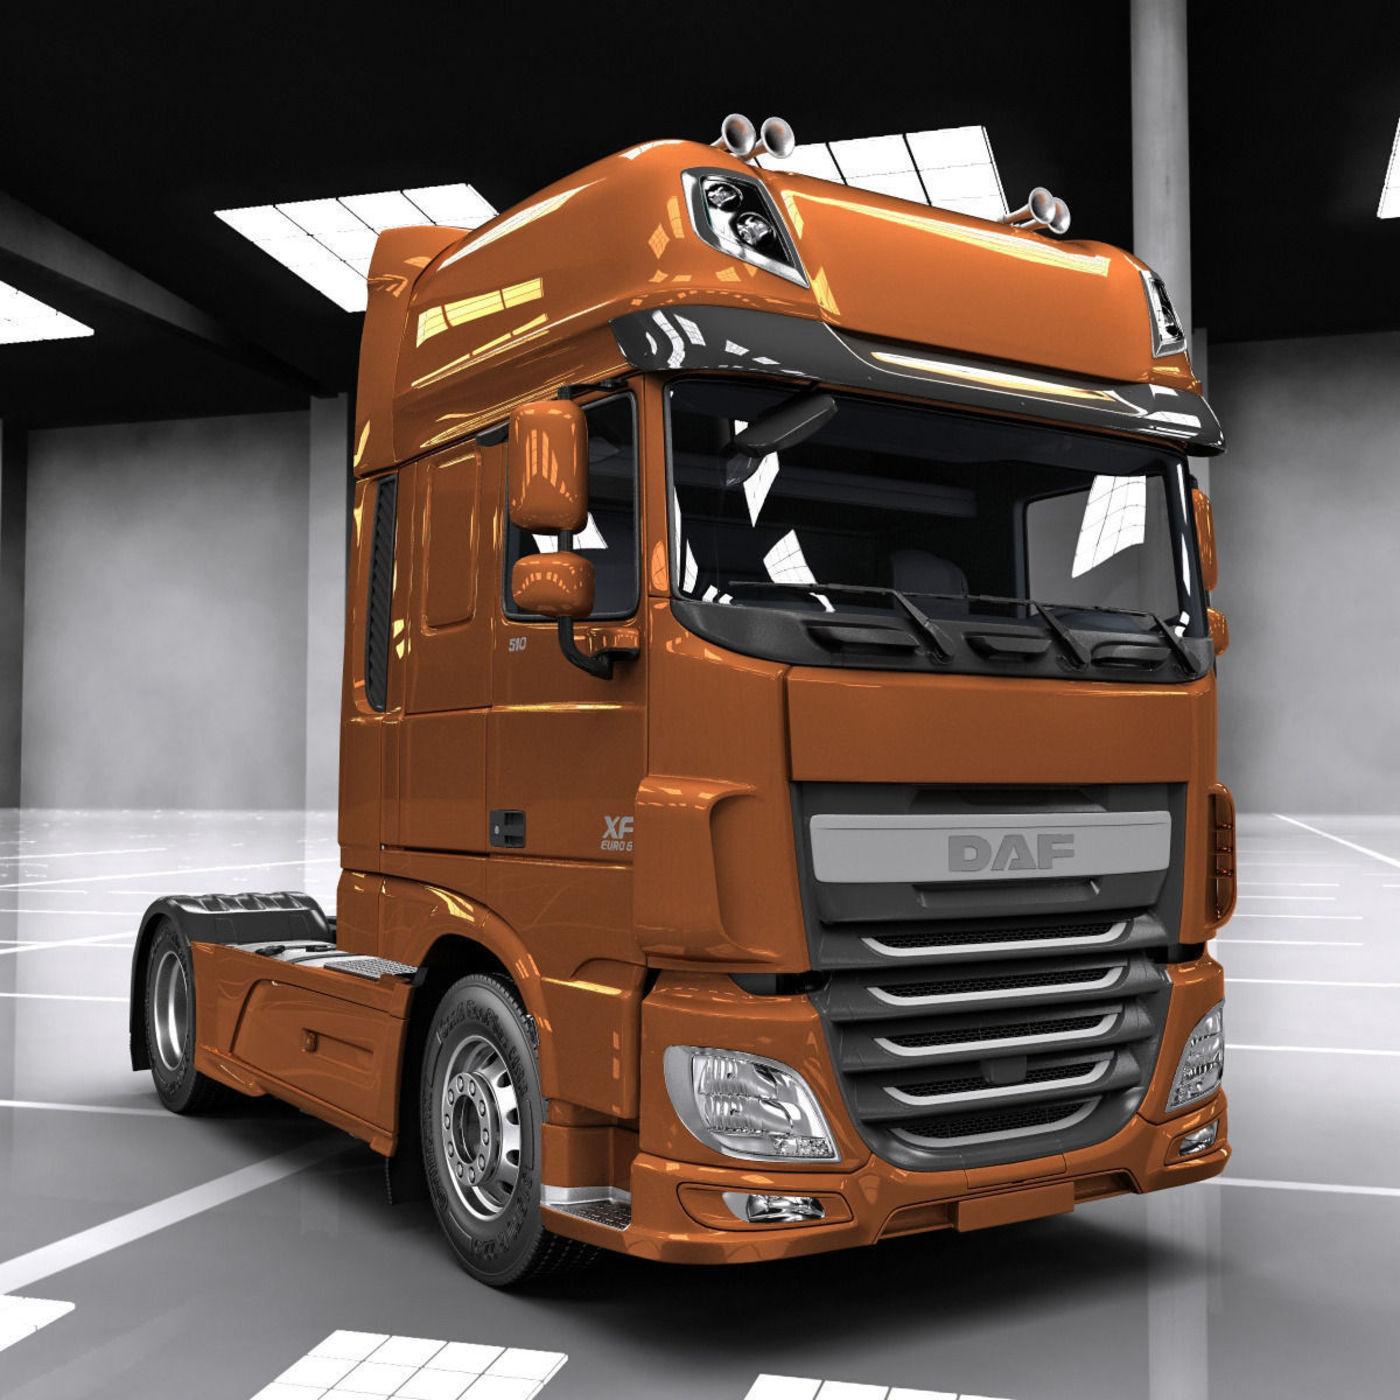 DAF XF Euro 6 | CGTrader